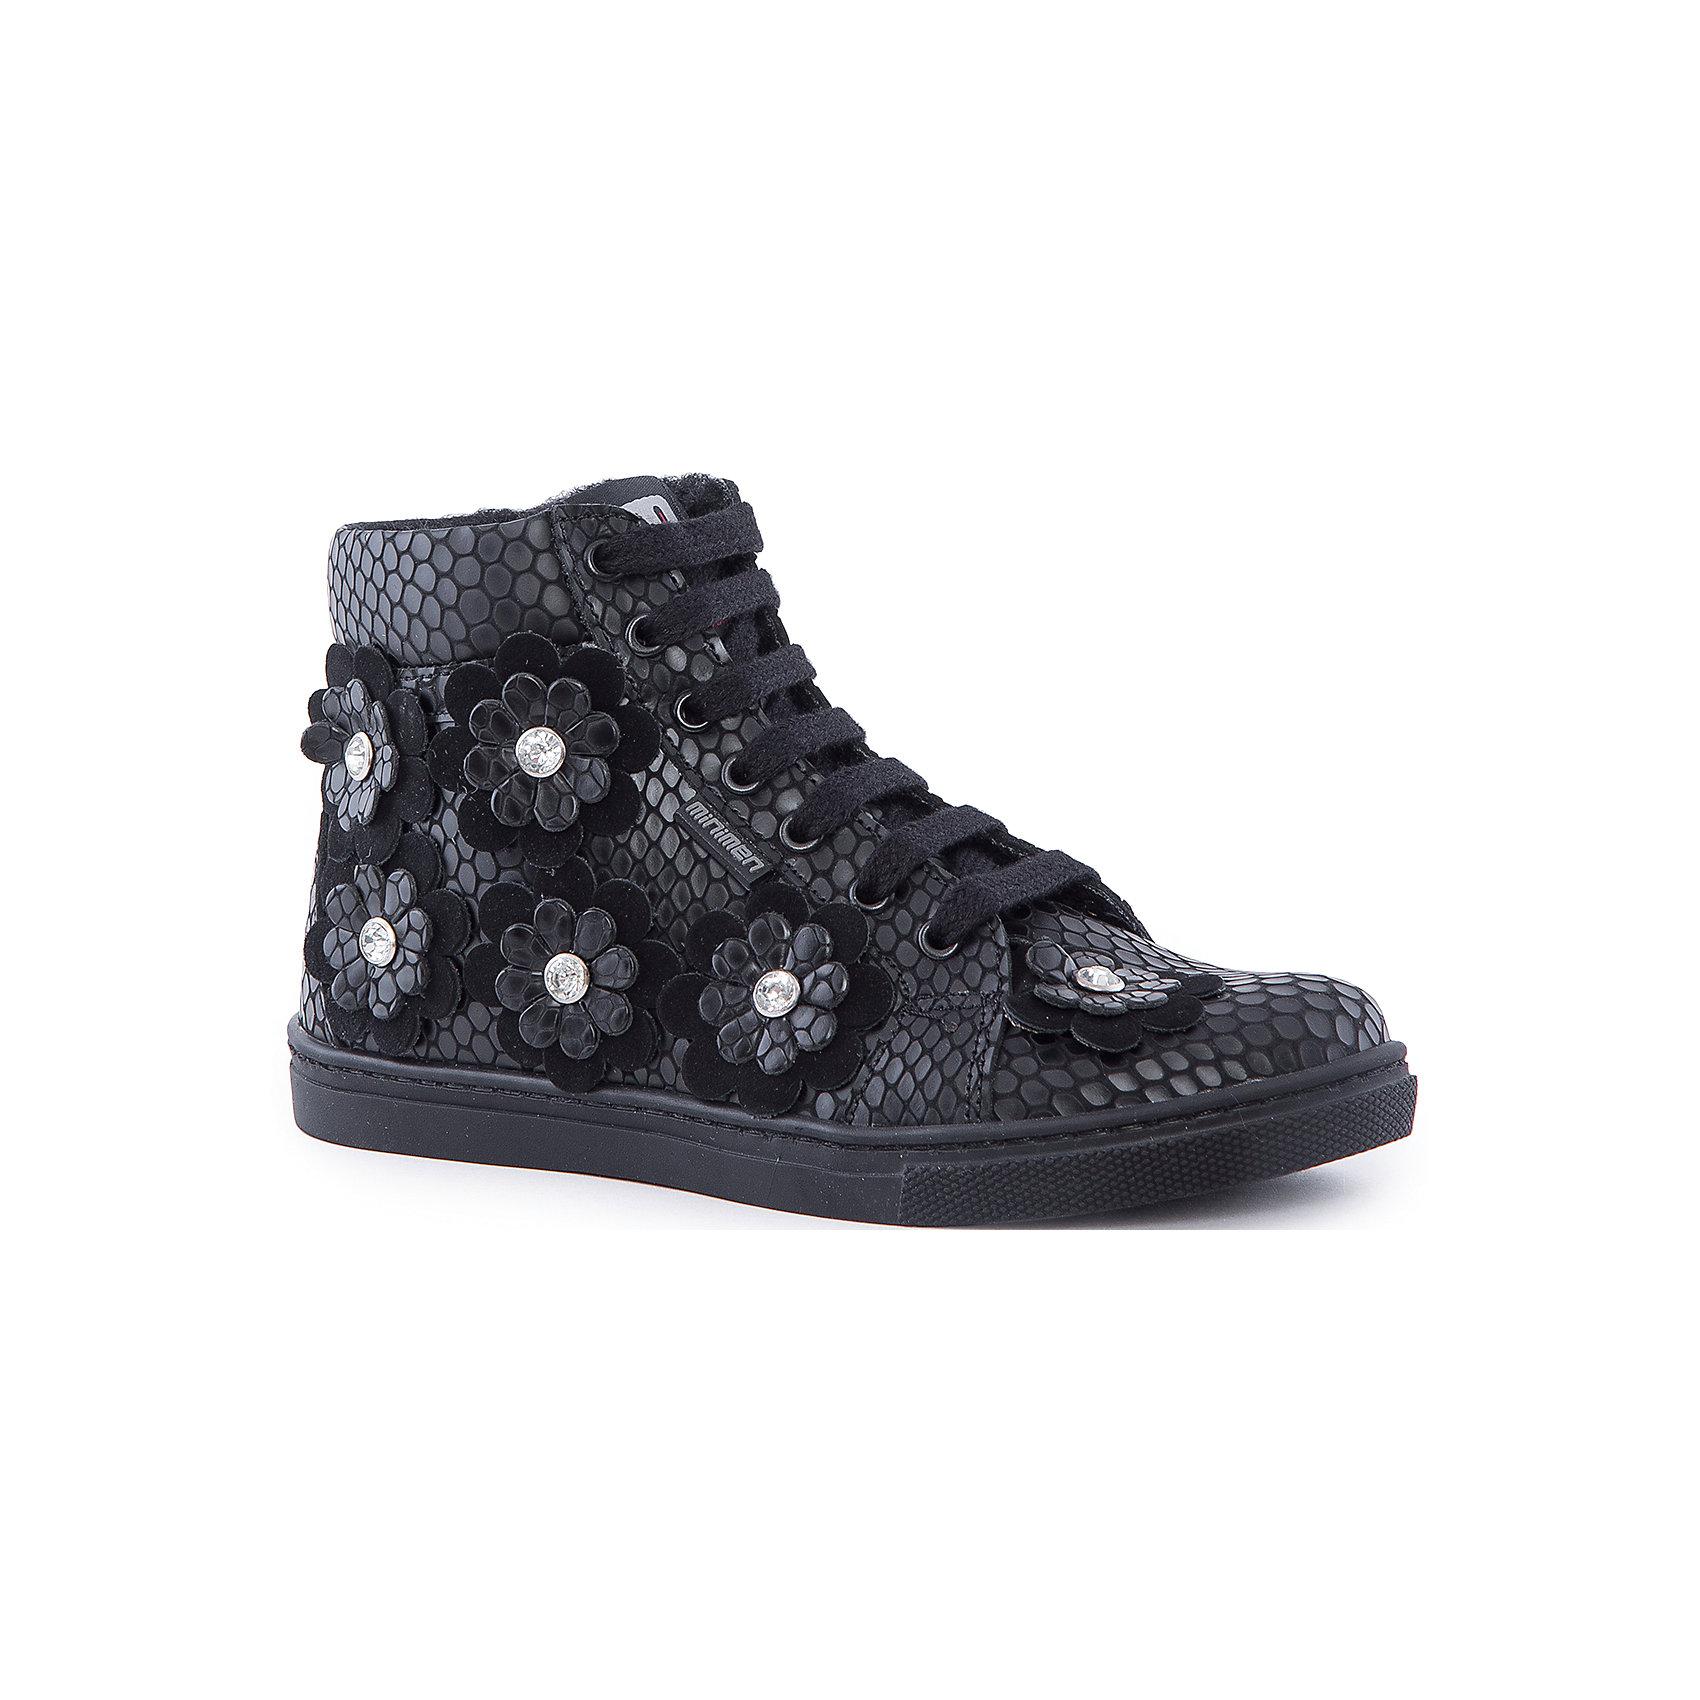 Ботинки для девочки MinimenУтепленные ботинки от Minimen отлично подойдут для осени и теплой зимы. Они изготовлены из натуральной кожи с шерстяным утеплителем. Ботинки имеют ортопедическую стельку для профилактики плоскостопия, удобную шнуровку. Украшены аппликациями в виде цветочков и стразами. Отличный вариант для детей, любящих сочетание моды и комфорта!<br><br>Дополнительная информация:<br>Цвет: черный<br>Сезон: осень-зима<br>Материал: 100% кожа. Подкладка: 100% шерсть<br>Стелька: супинатор<br><br>Ботинки Minimen вы можете приобрести в нашем интернет-магазине.<br><br>Ширина мм: 262<br>Глубина мм: 176<br>Высота мм: 97<br>Вес г: 427<br>Цвет: черный<br>Возраст от месяцев: 108<br>Возраст до месяцев: 120<br>Пол: Женский<br>Возраст: Детский<br>Размер: 33,31,36,35,34,32<br>SKU: 4970063